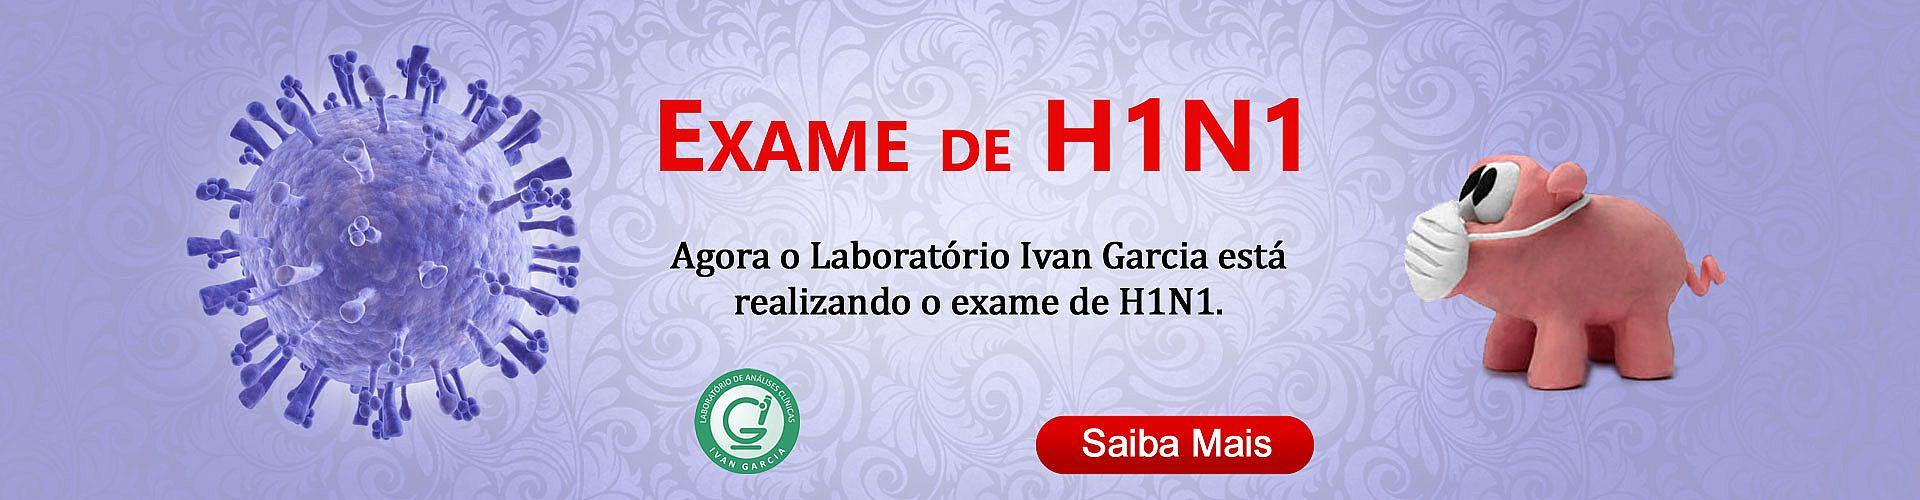 Agora o Laboratório Ivan Garcia está realizando o exame de H1N1